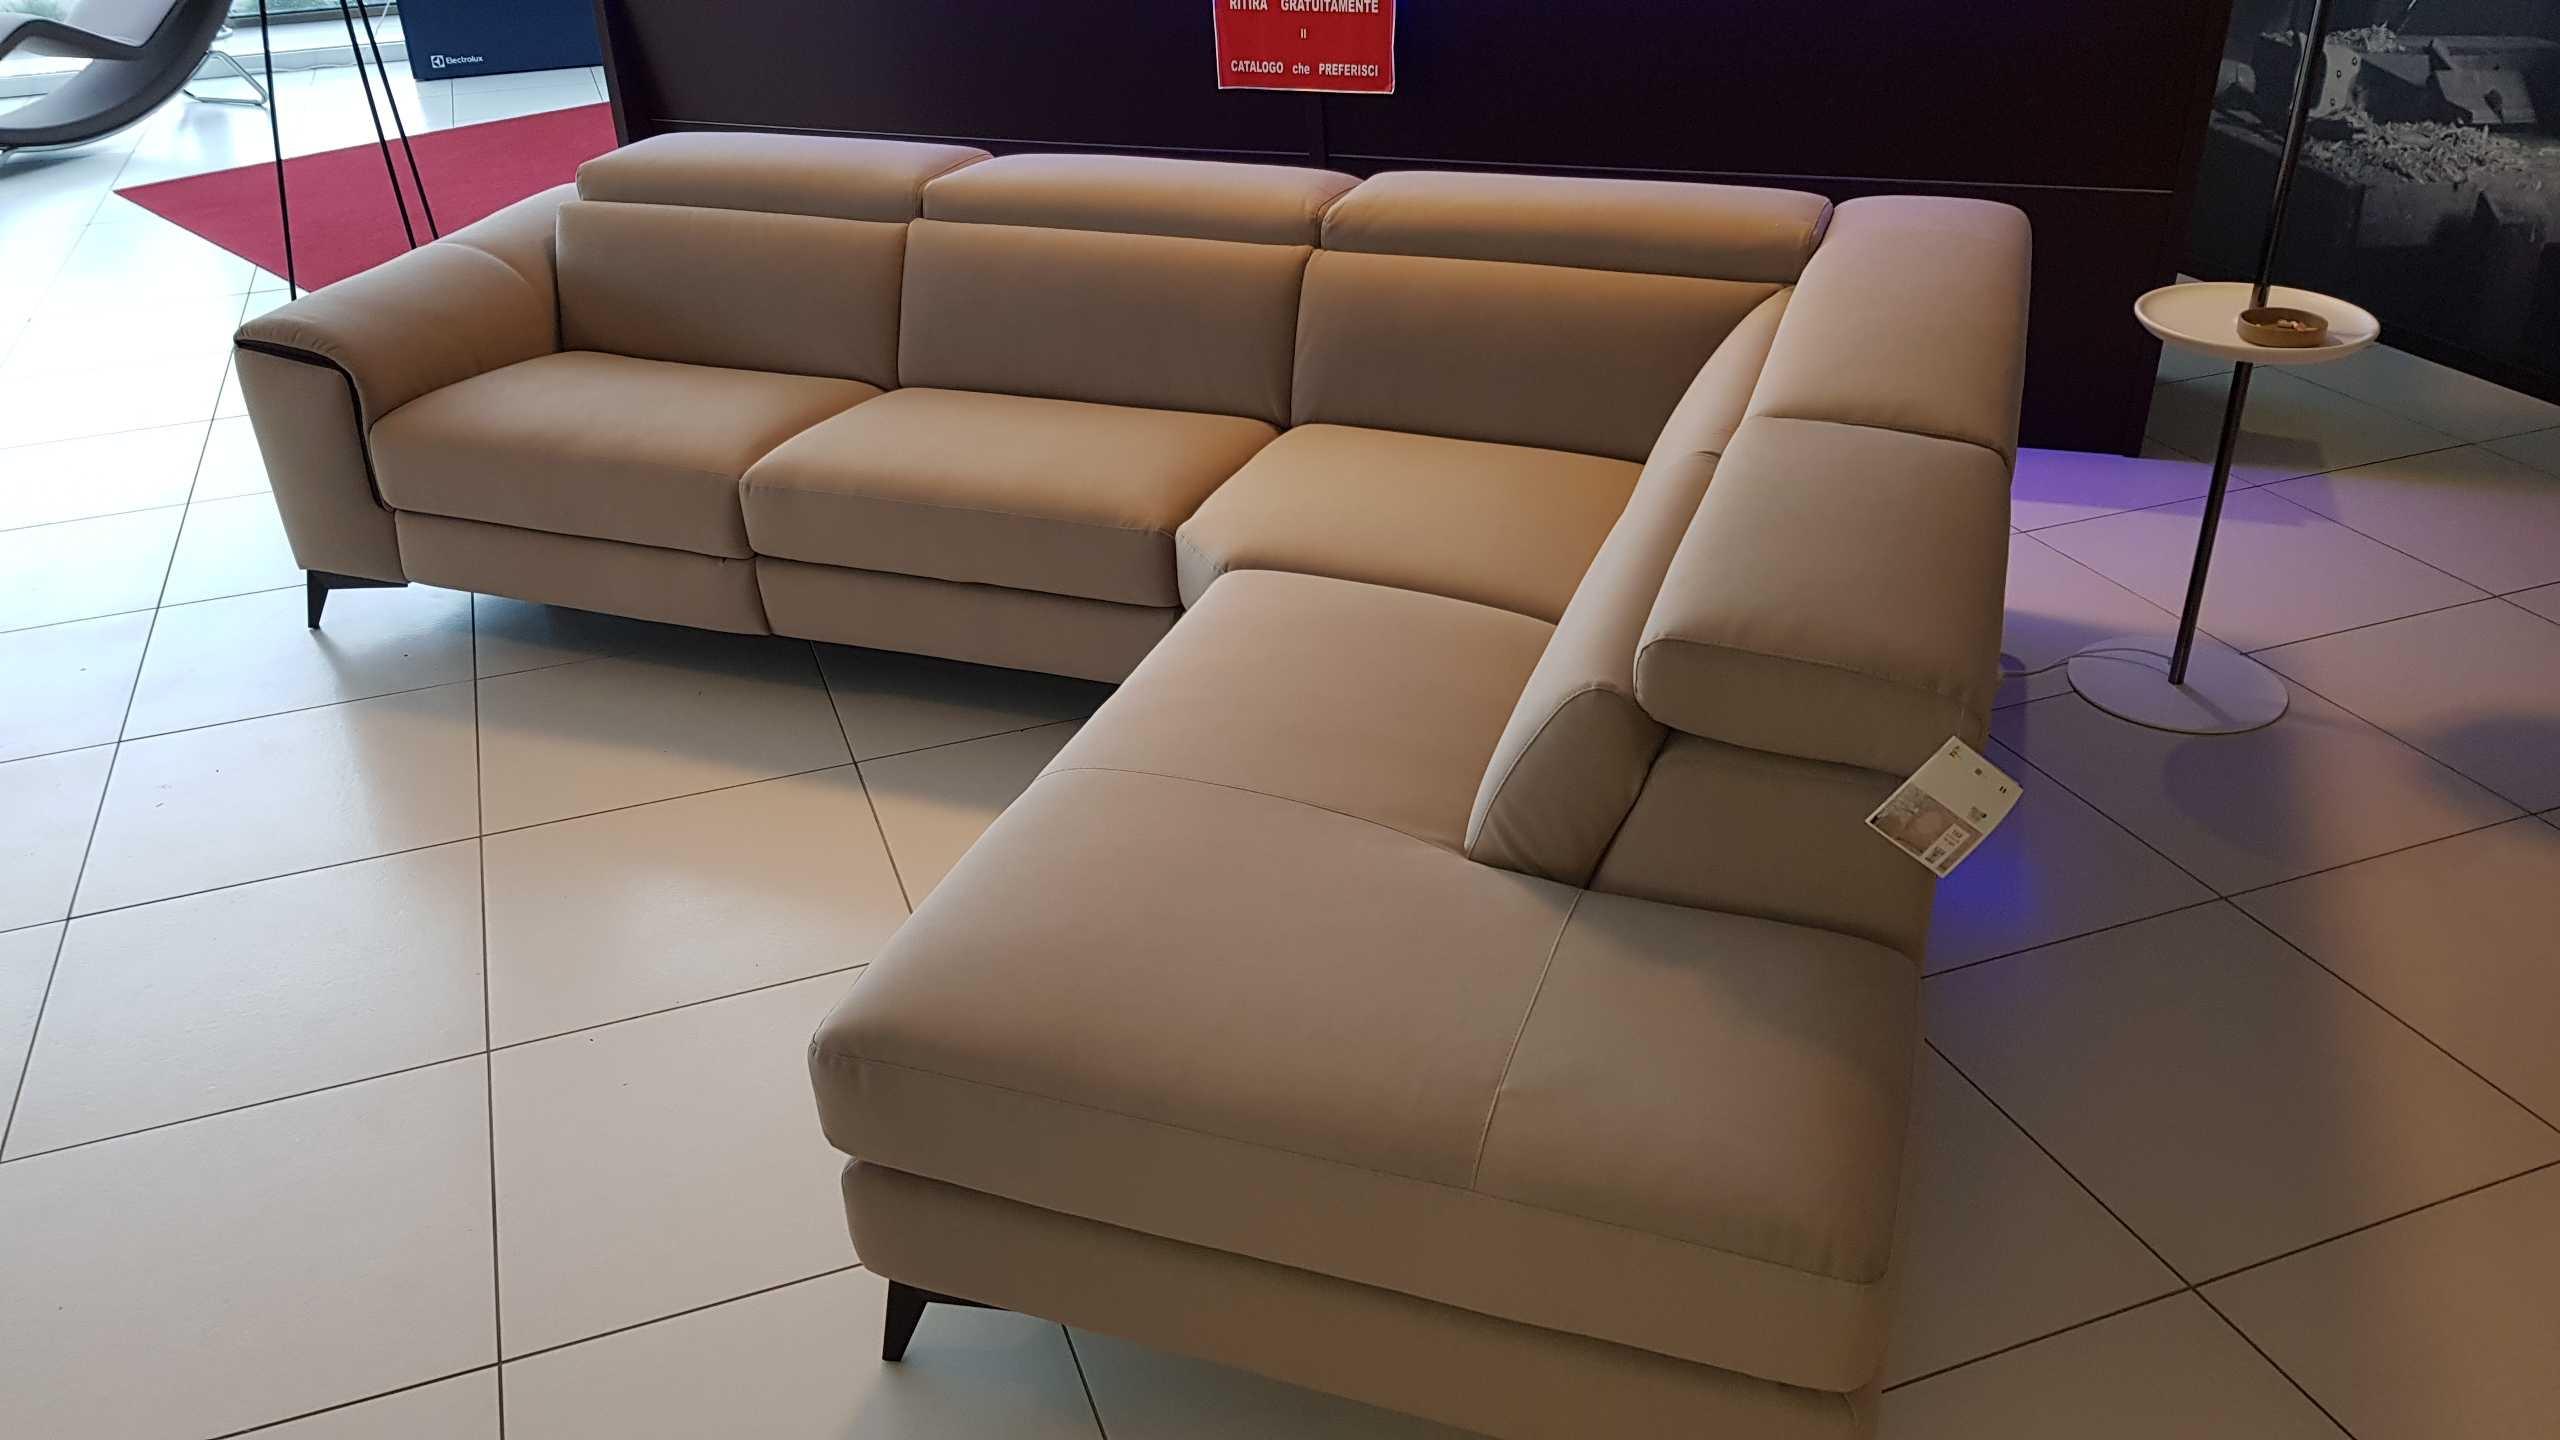 Outlet divano francoferri lissoni con recliner elettrico e - Outlet del divano varedo ...